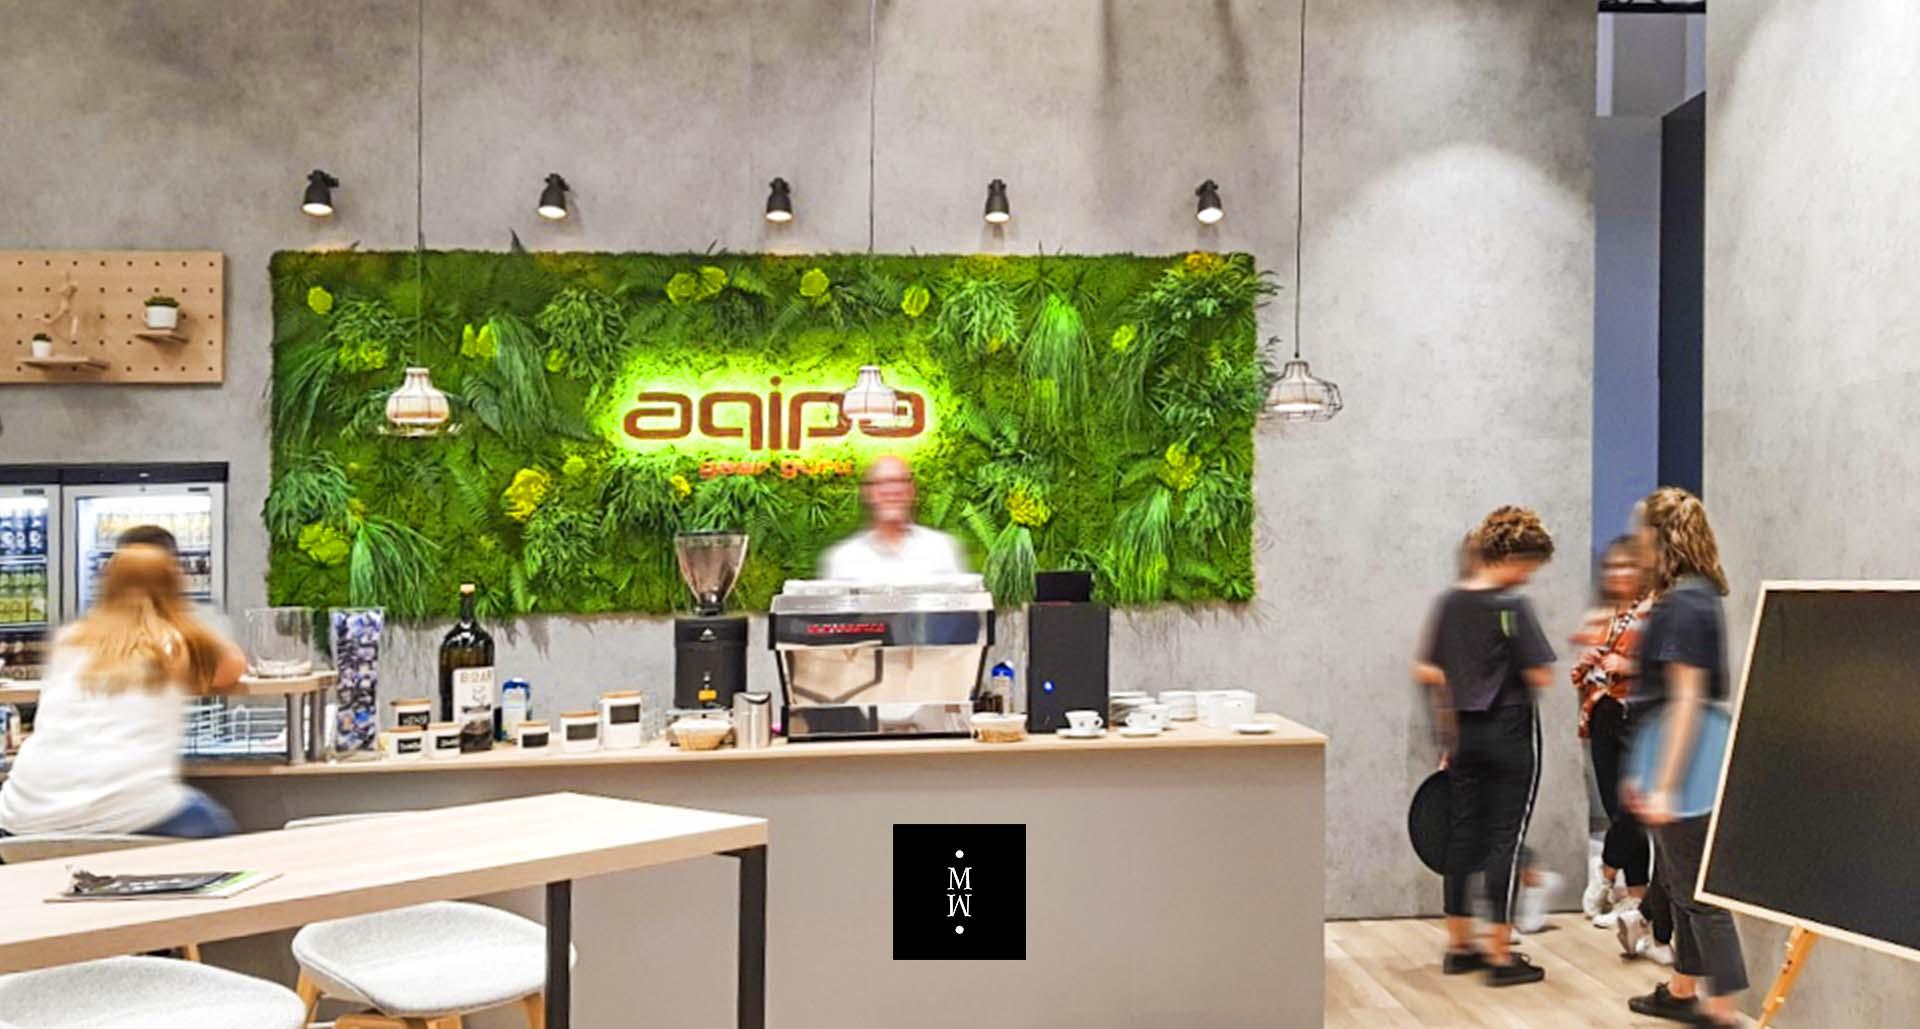 Dschungelmooswand hinter einer Bar mit Logo